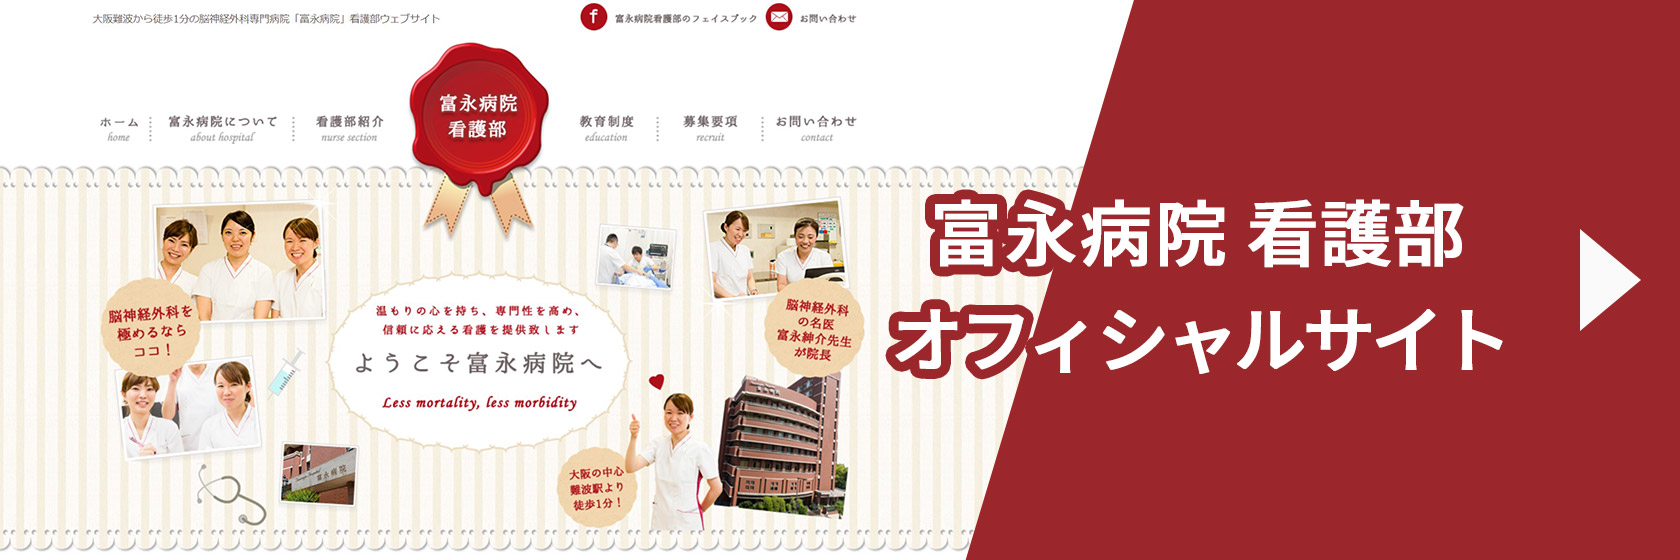 富永病院看護部 オフィシャルサイト